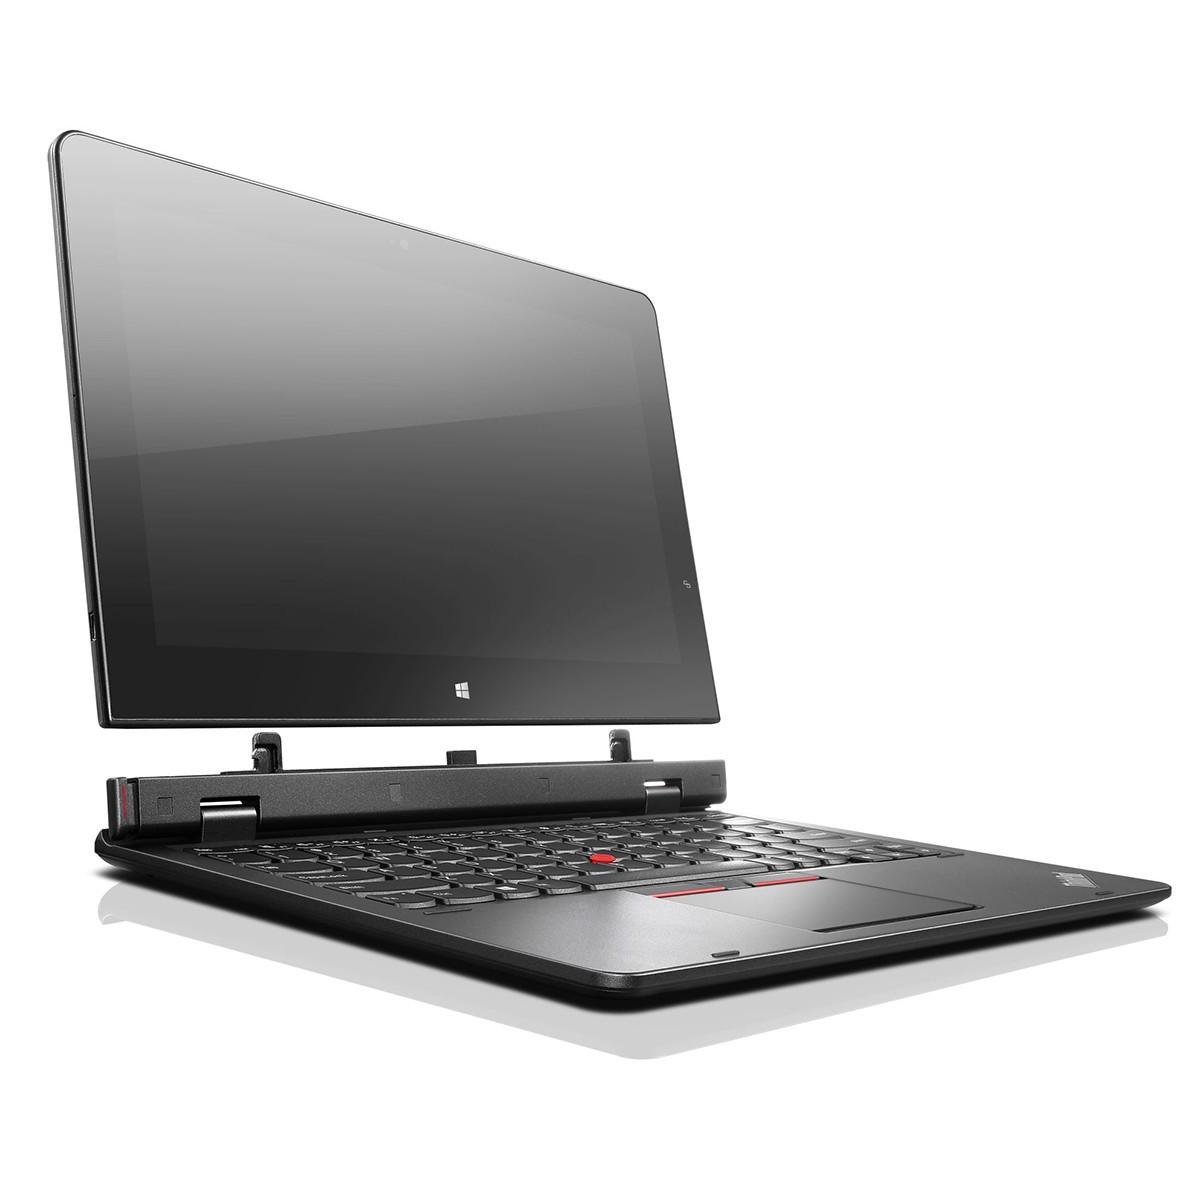 LENOVO® ThinkPad® Helix 2 Notebook Modell 20CH-S02A Demoartikel mit Garantie bis 01/2018